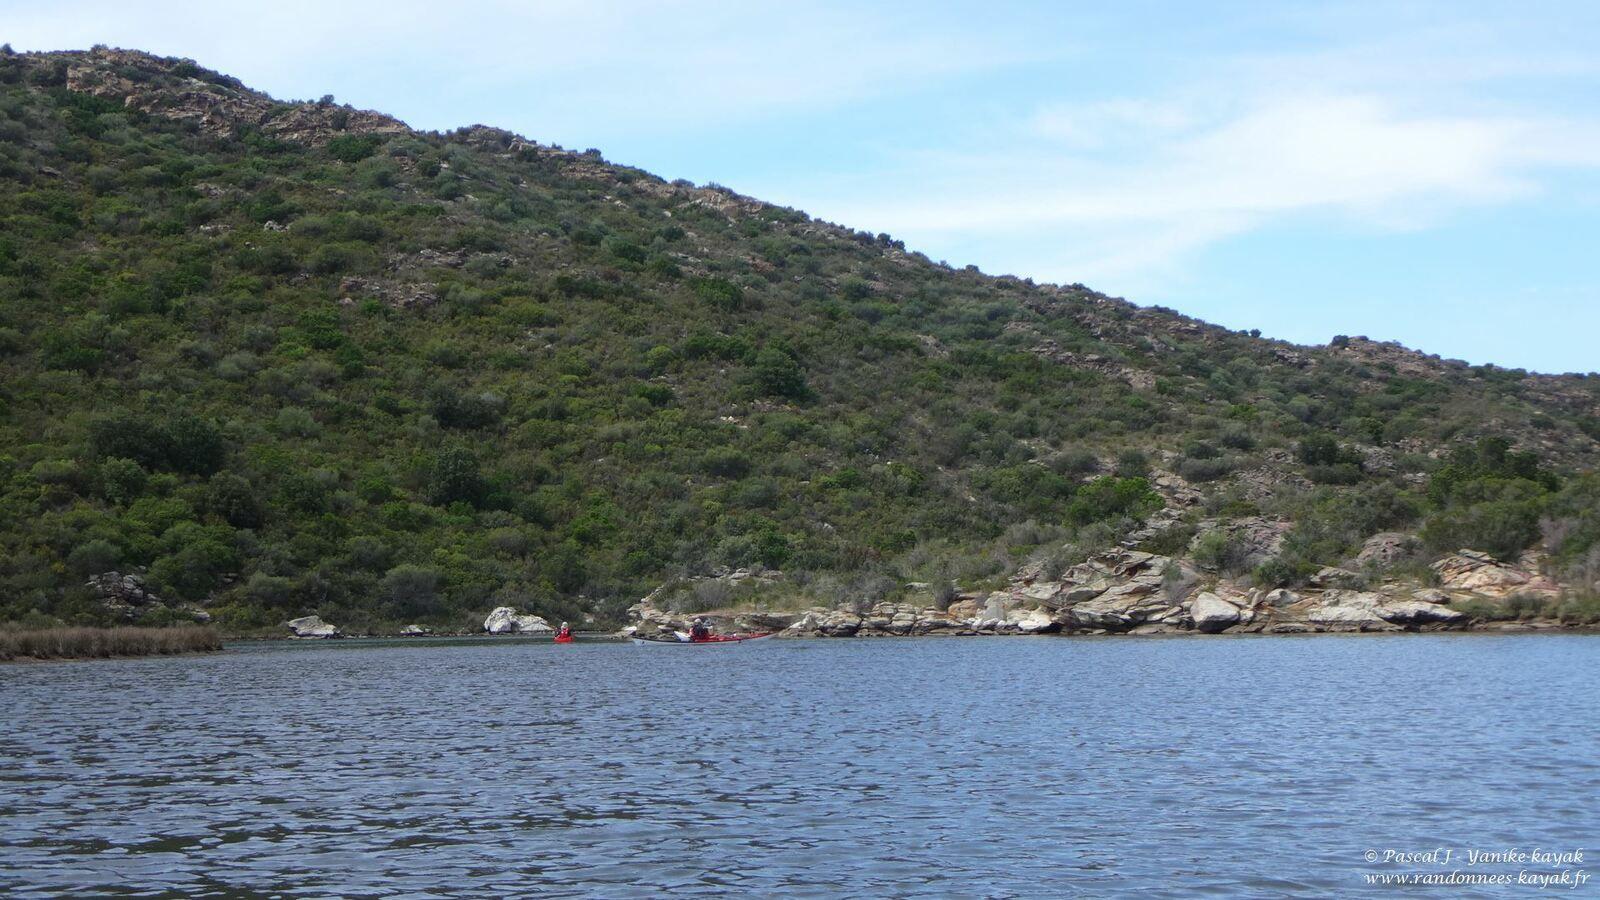 Corsica 2021, la beauté, essentielle, de la nature - Chapitre 1 : Reprise en douceur, de Saint-Florent à Punta Cavallata